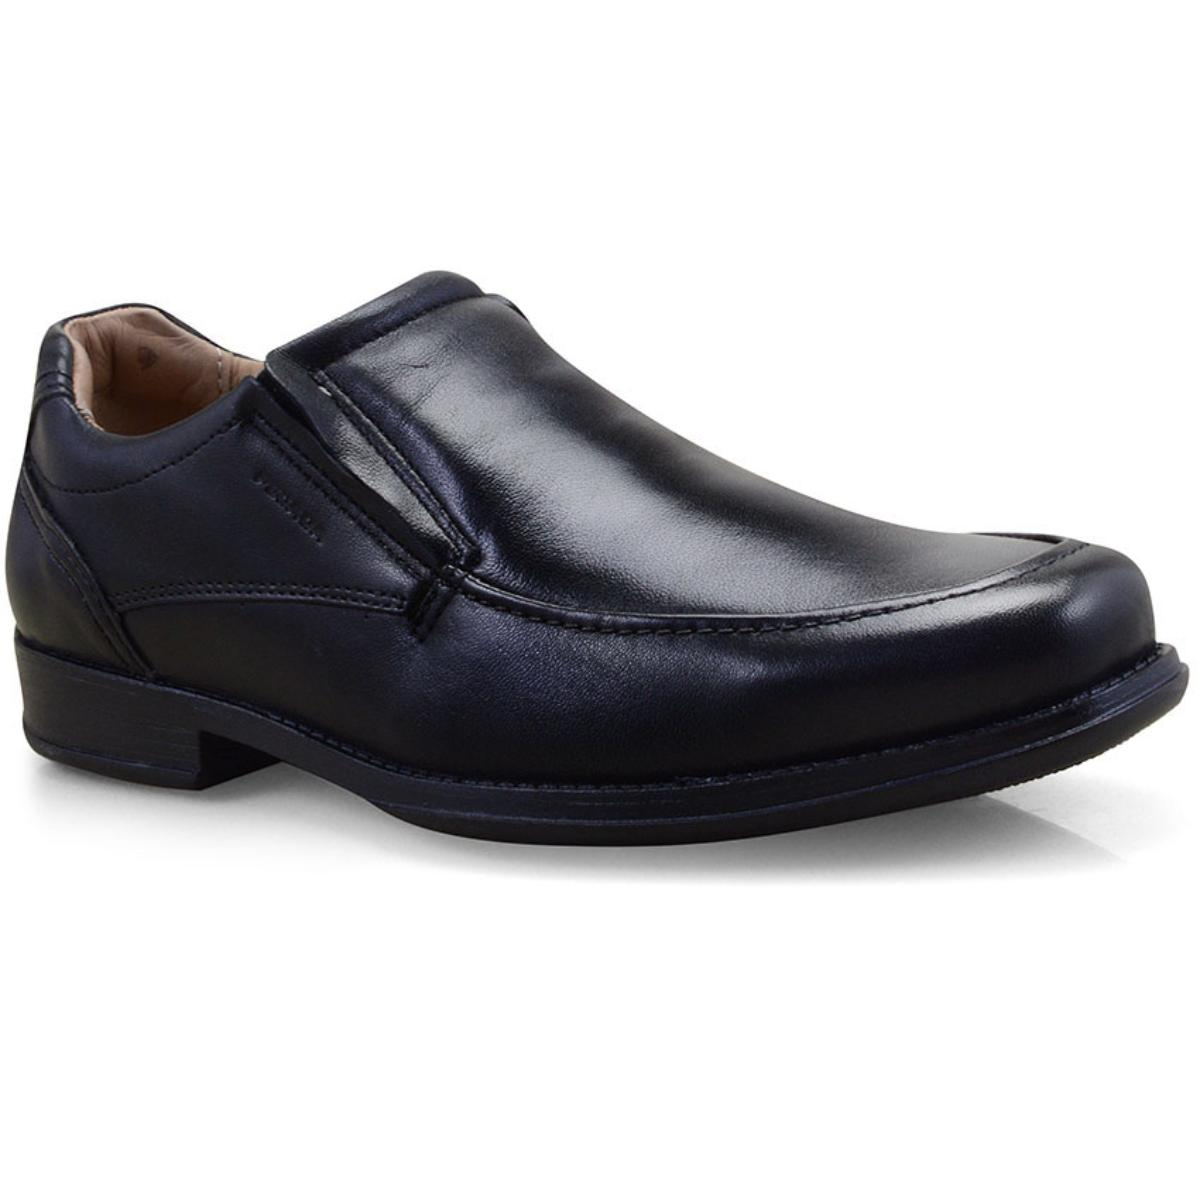 Sapato Masculino Pegada 123451-01 Preto